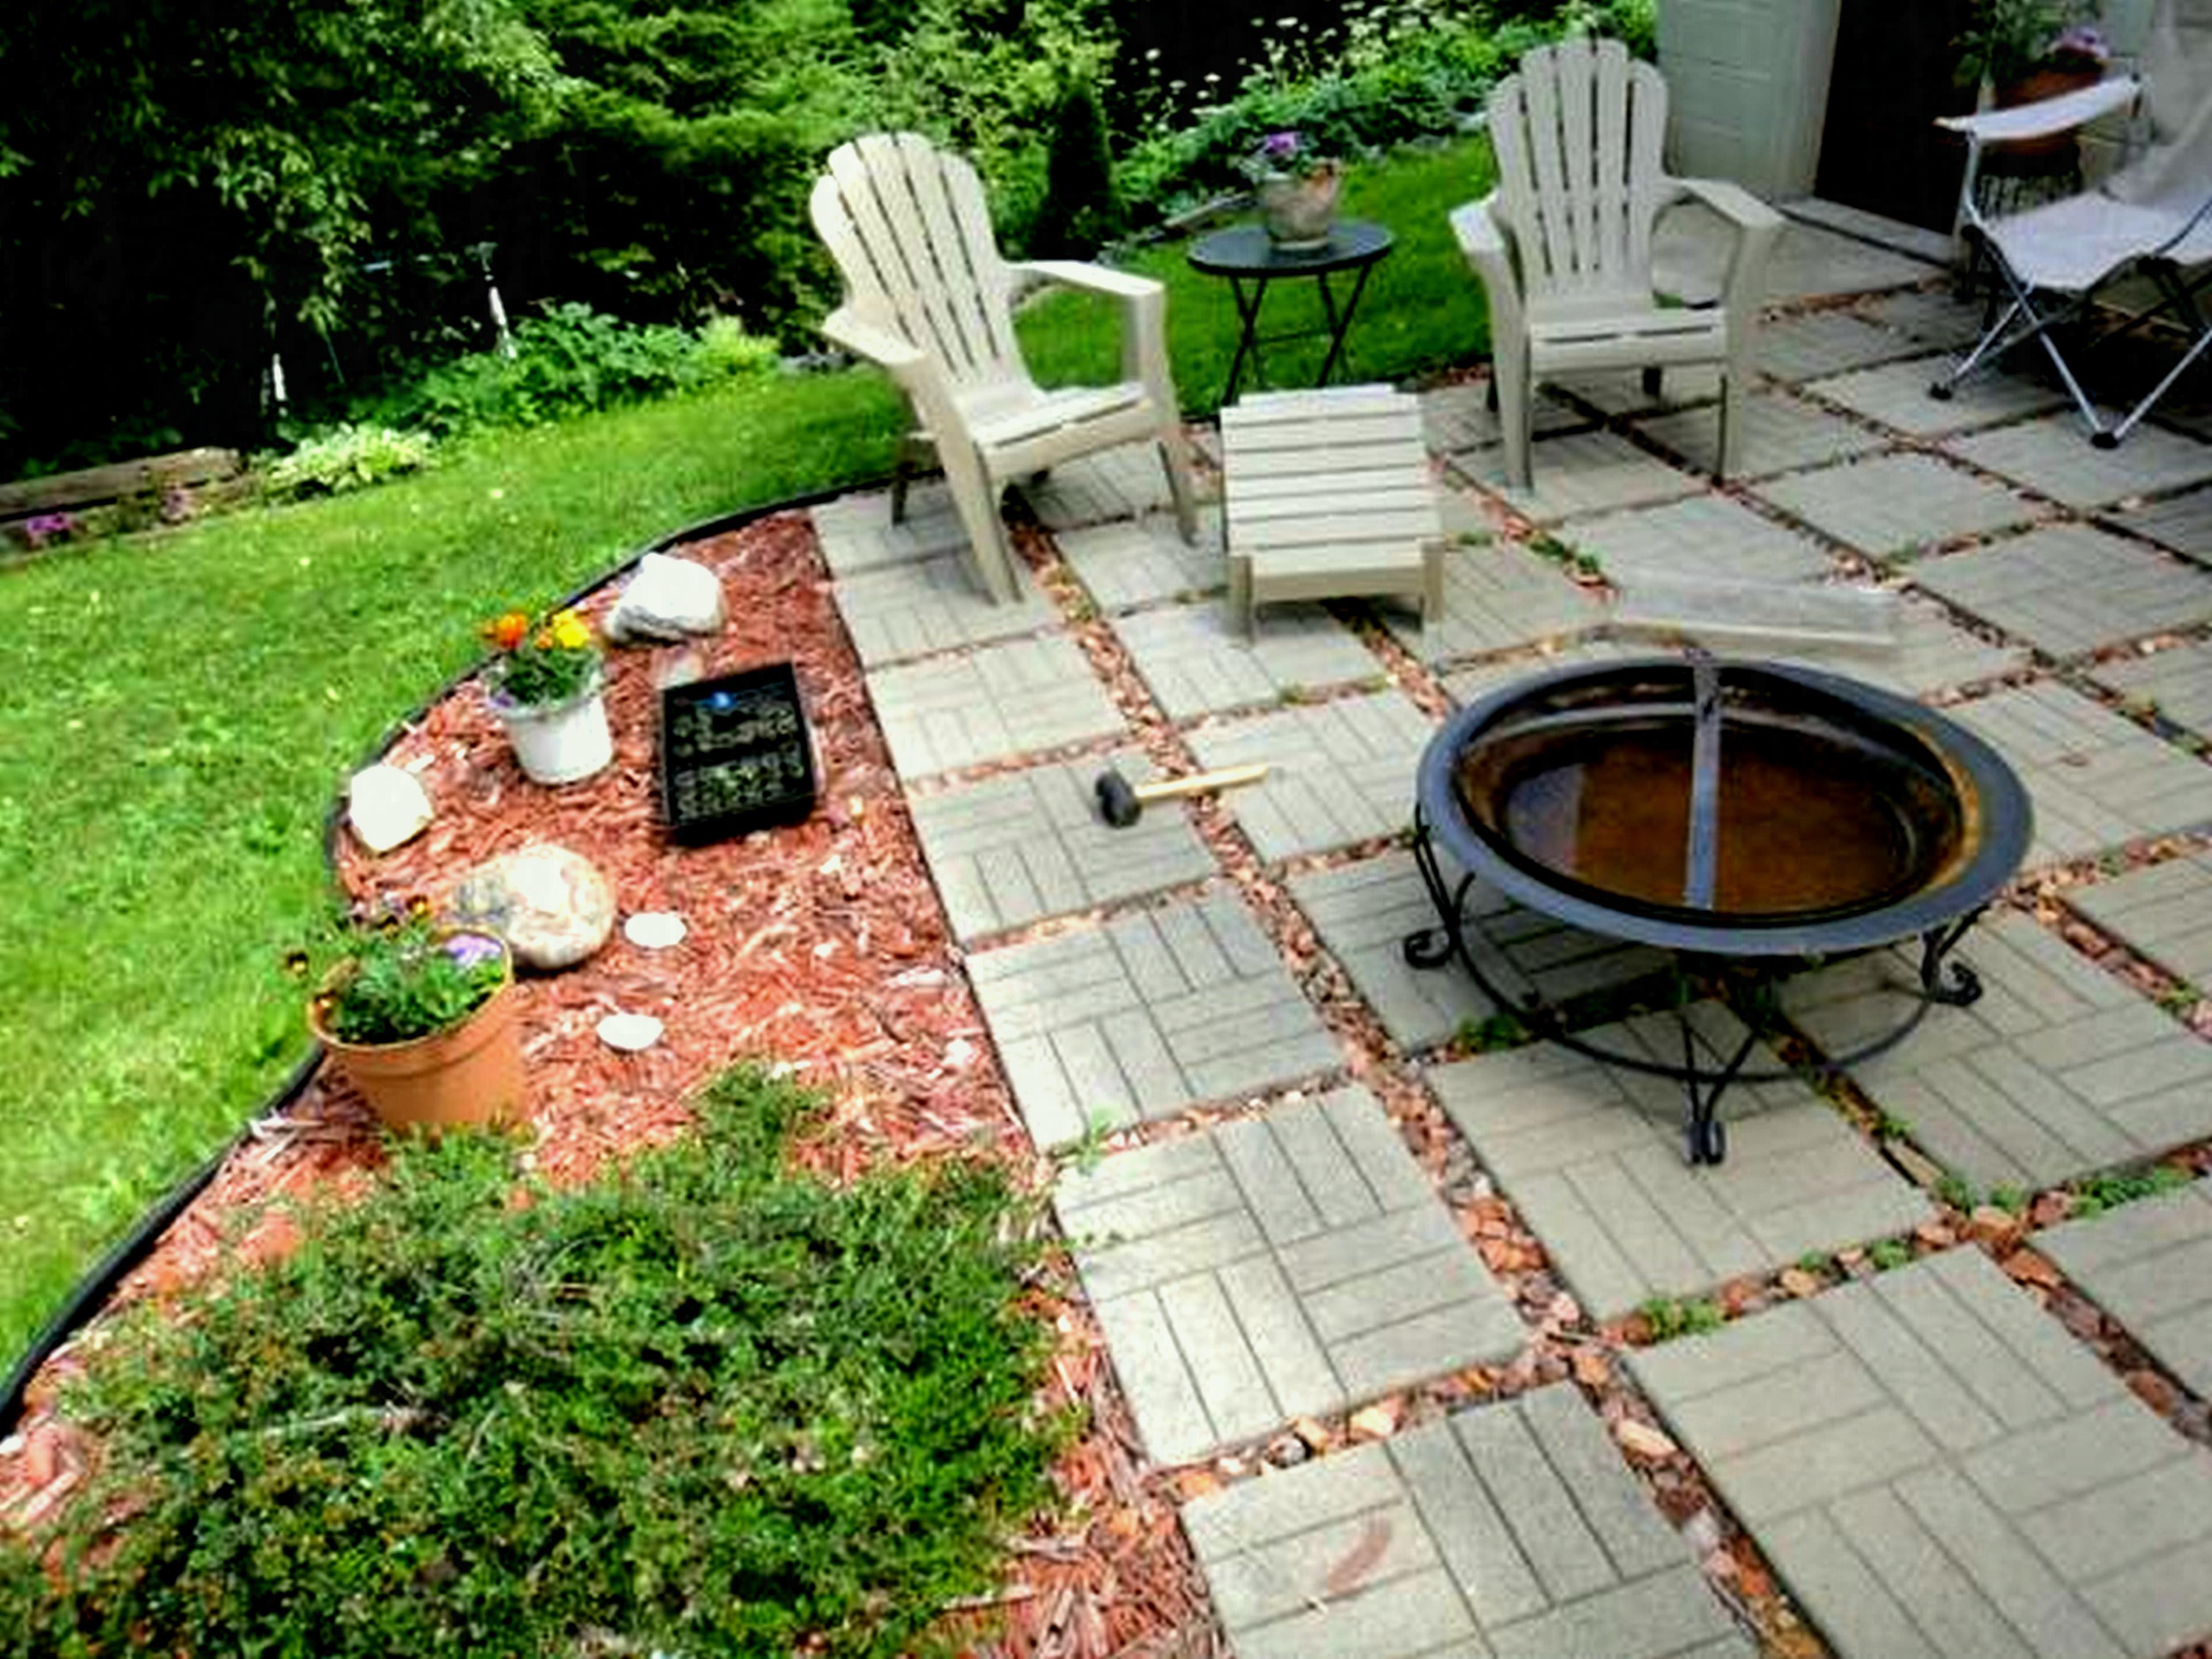 Astonishing Cheap No Grass Backyard Ideas   Backyard ... on Small Sloped Backyard Ideas On A Budget id=77423